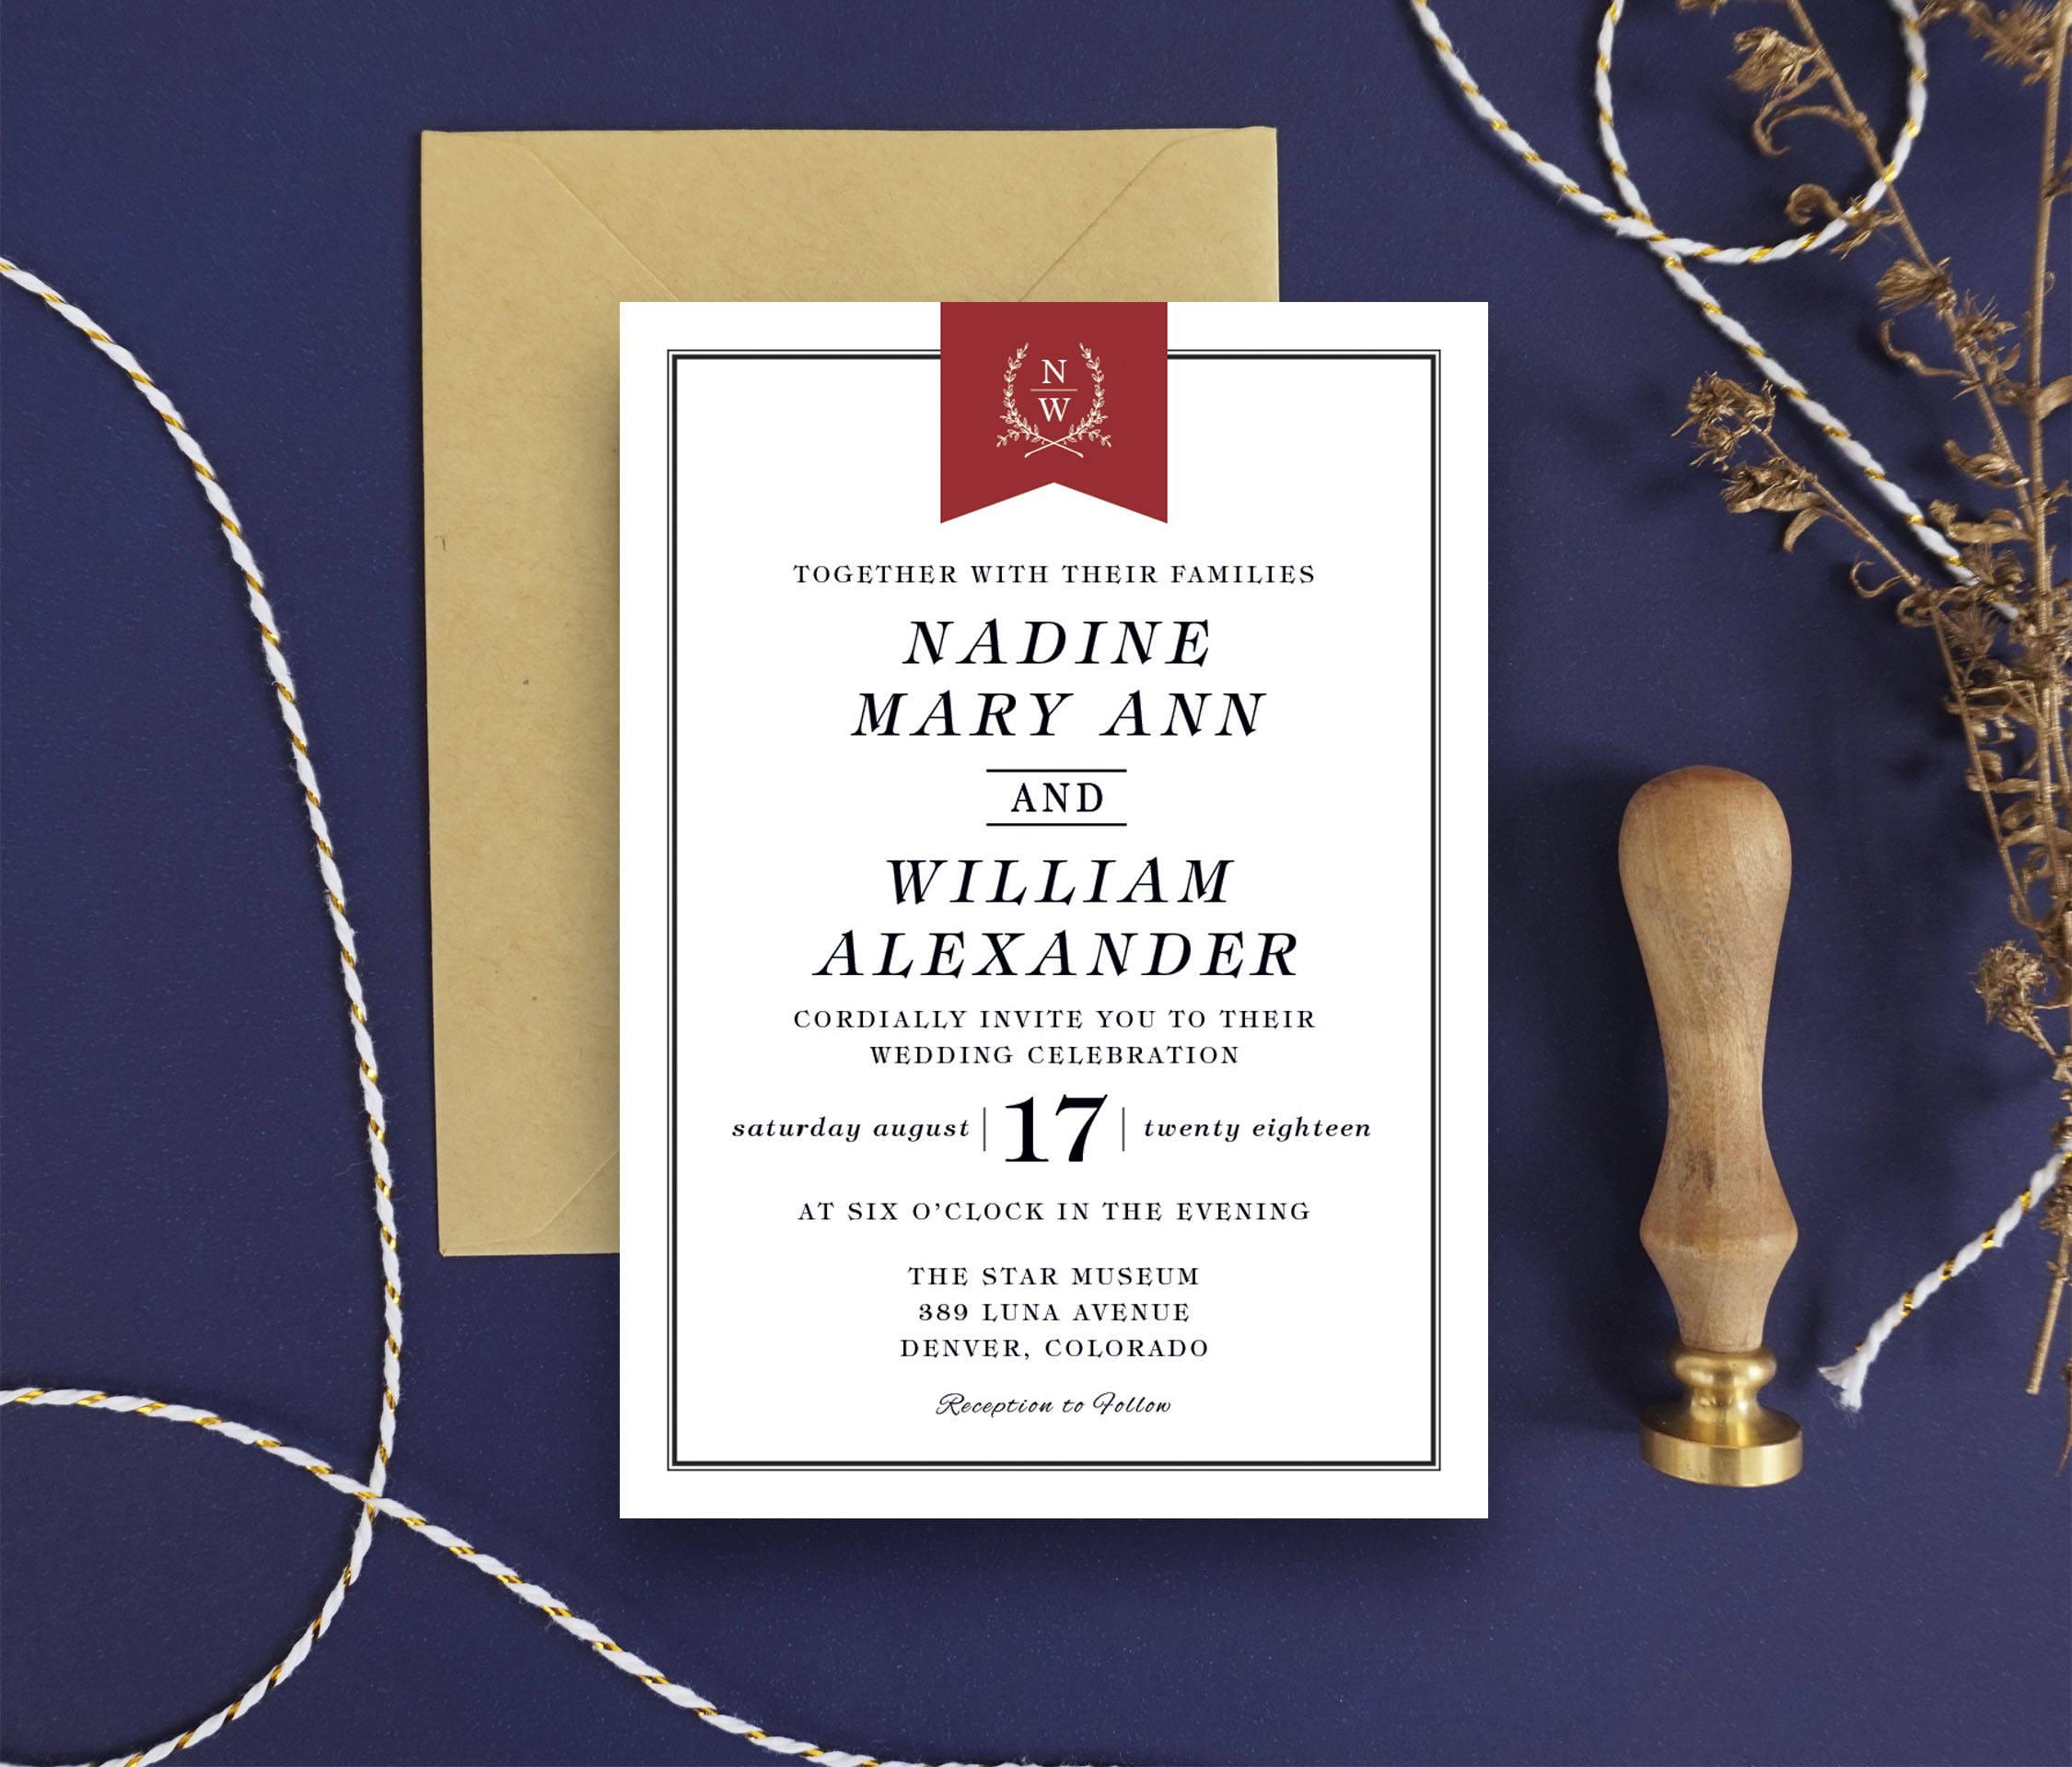 Modern Wedding Invitations - Minimalist Invitation Printable Wedding ...